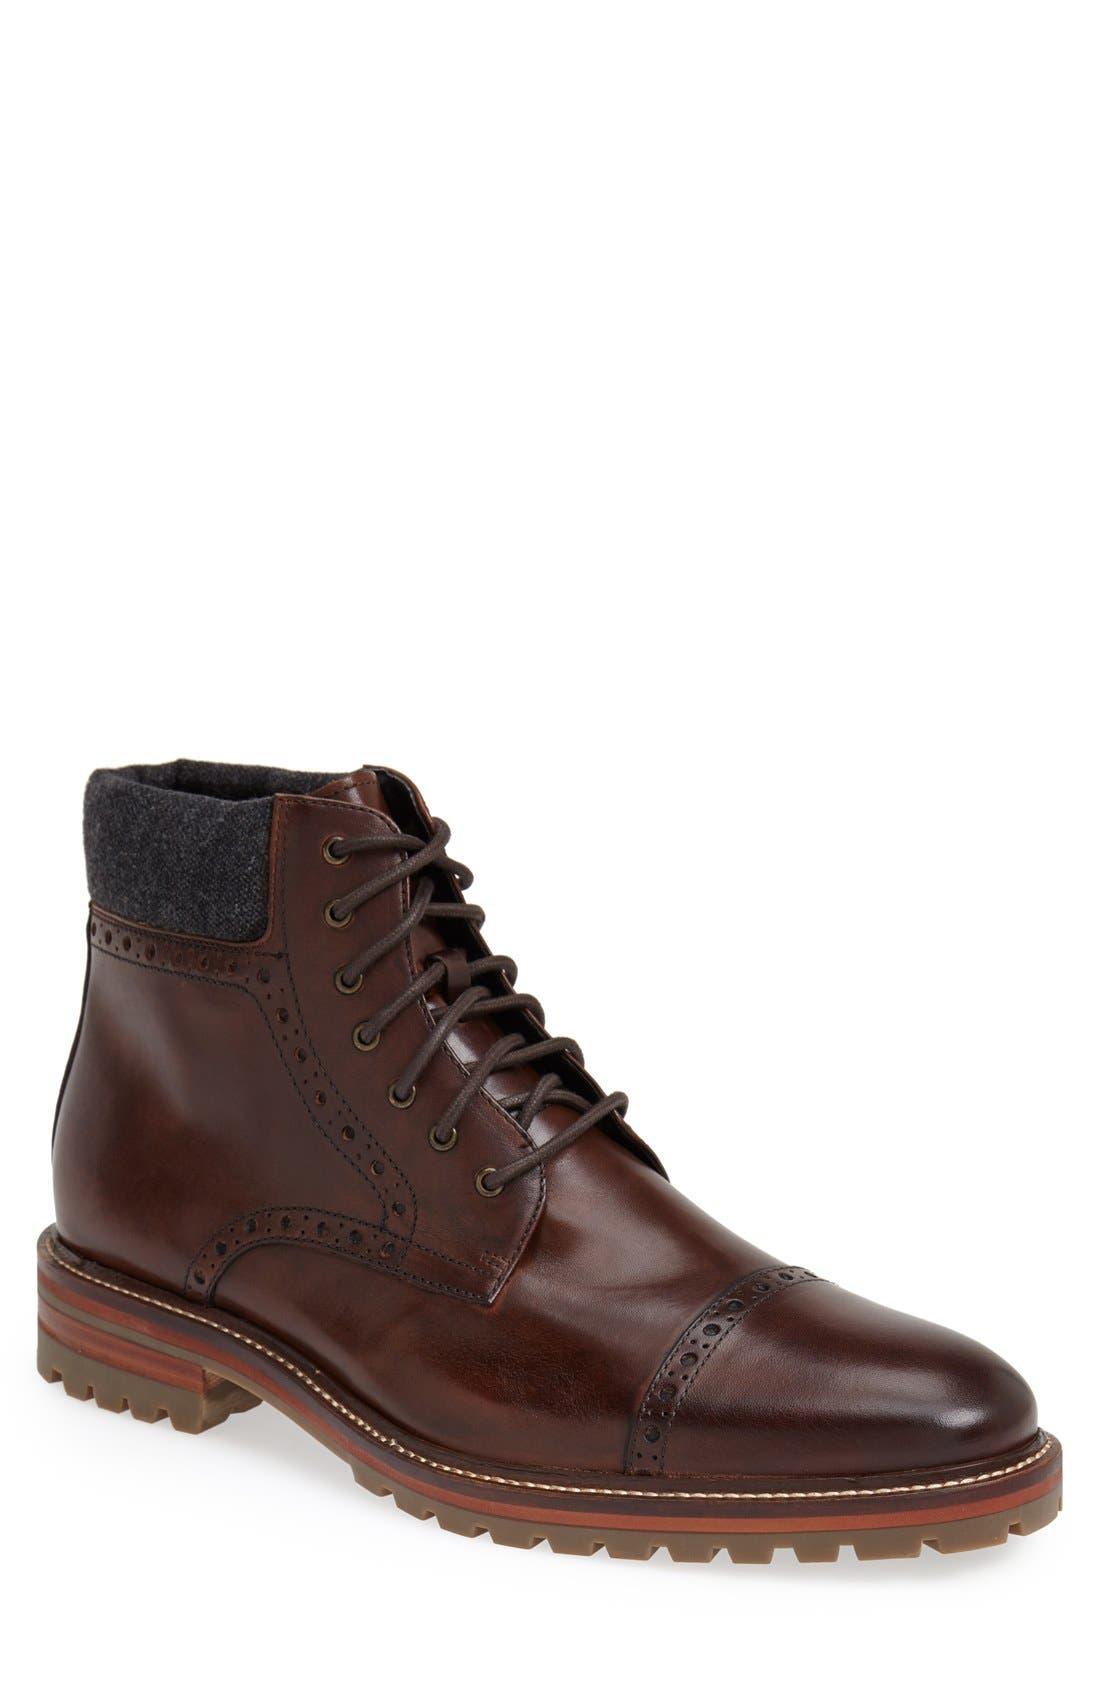 Alternate Image 1 Selected - J&M 1850 'Karnes' Brogue Cap Toe Boot (Men)